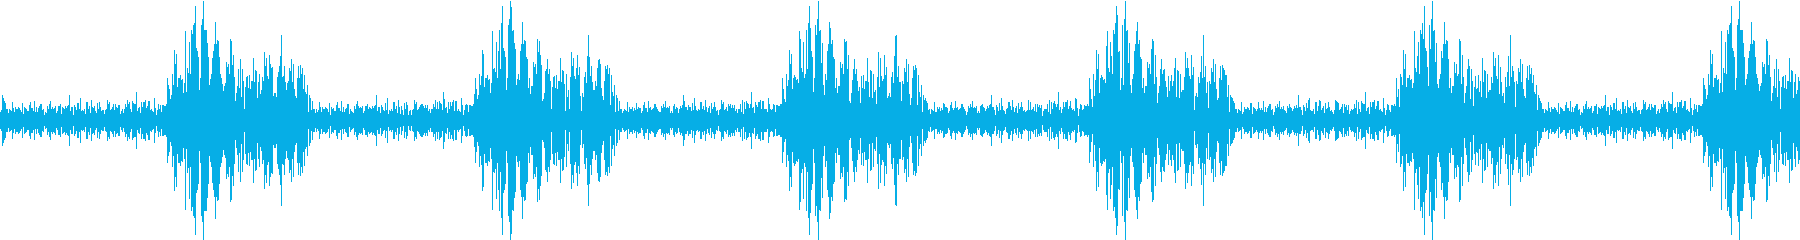 境界違反警告信号の再生済みの波形